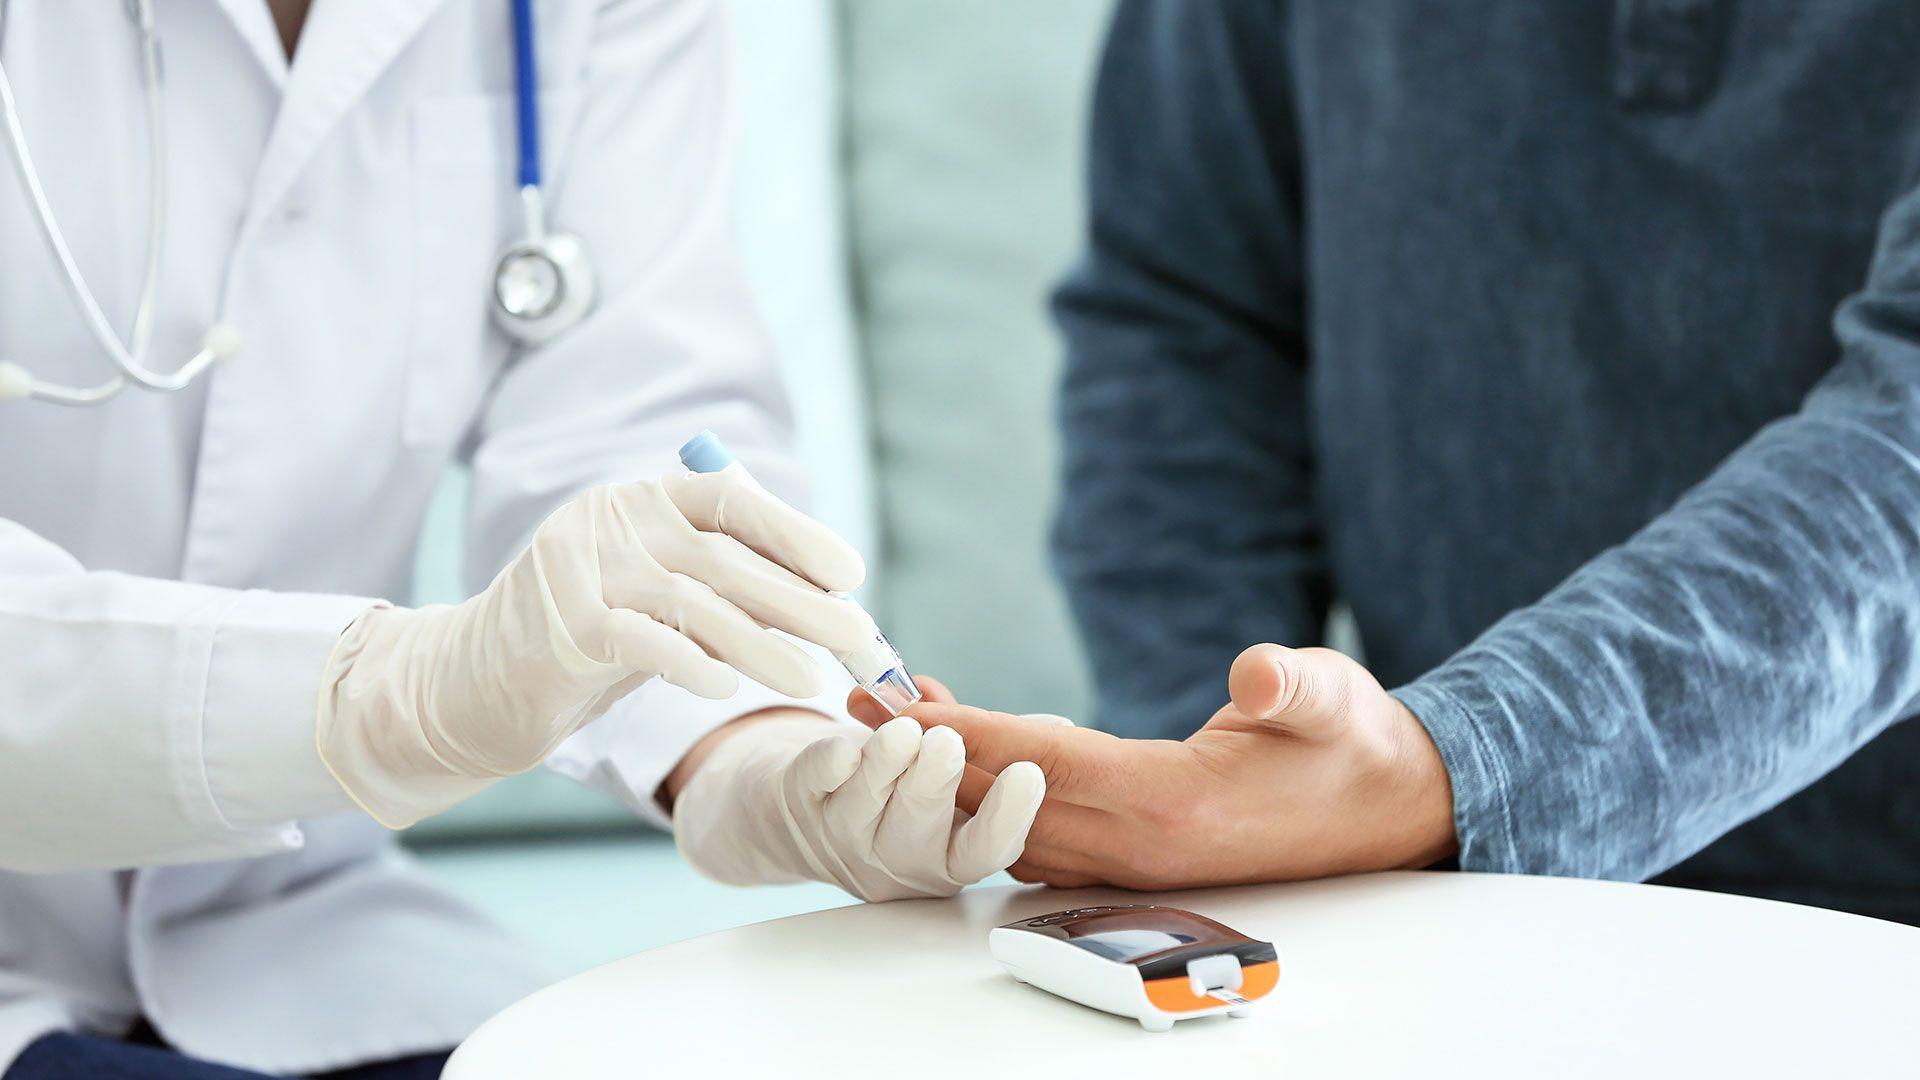 Según la OMS, la prevalencia de la diabetes aumentó con mayor rapidez en los países de ingresos medianos y bajos (Shutterstock)